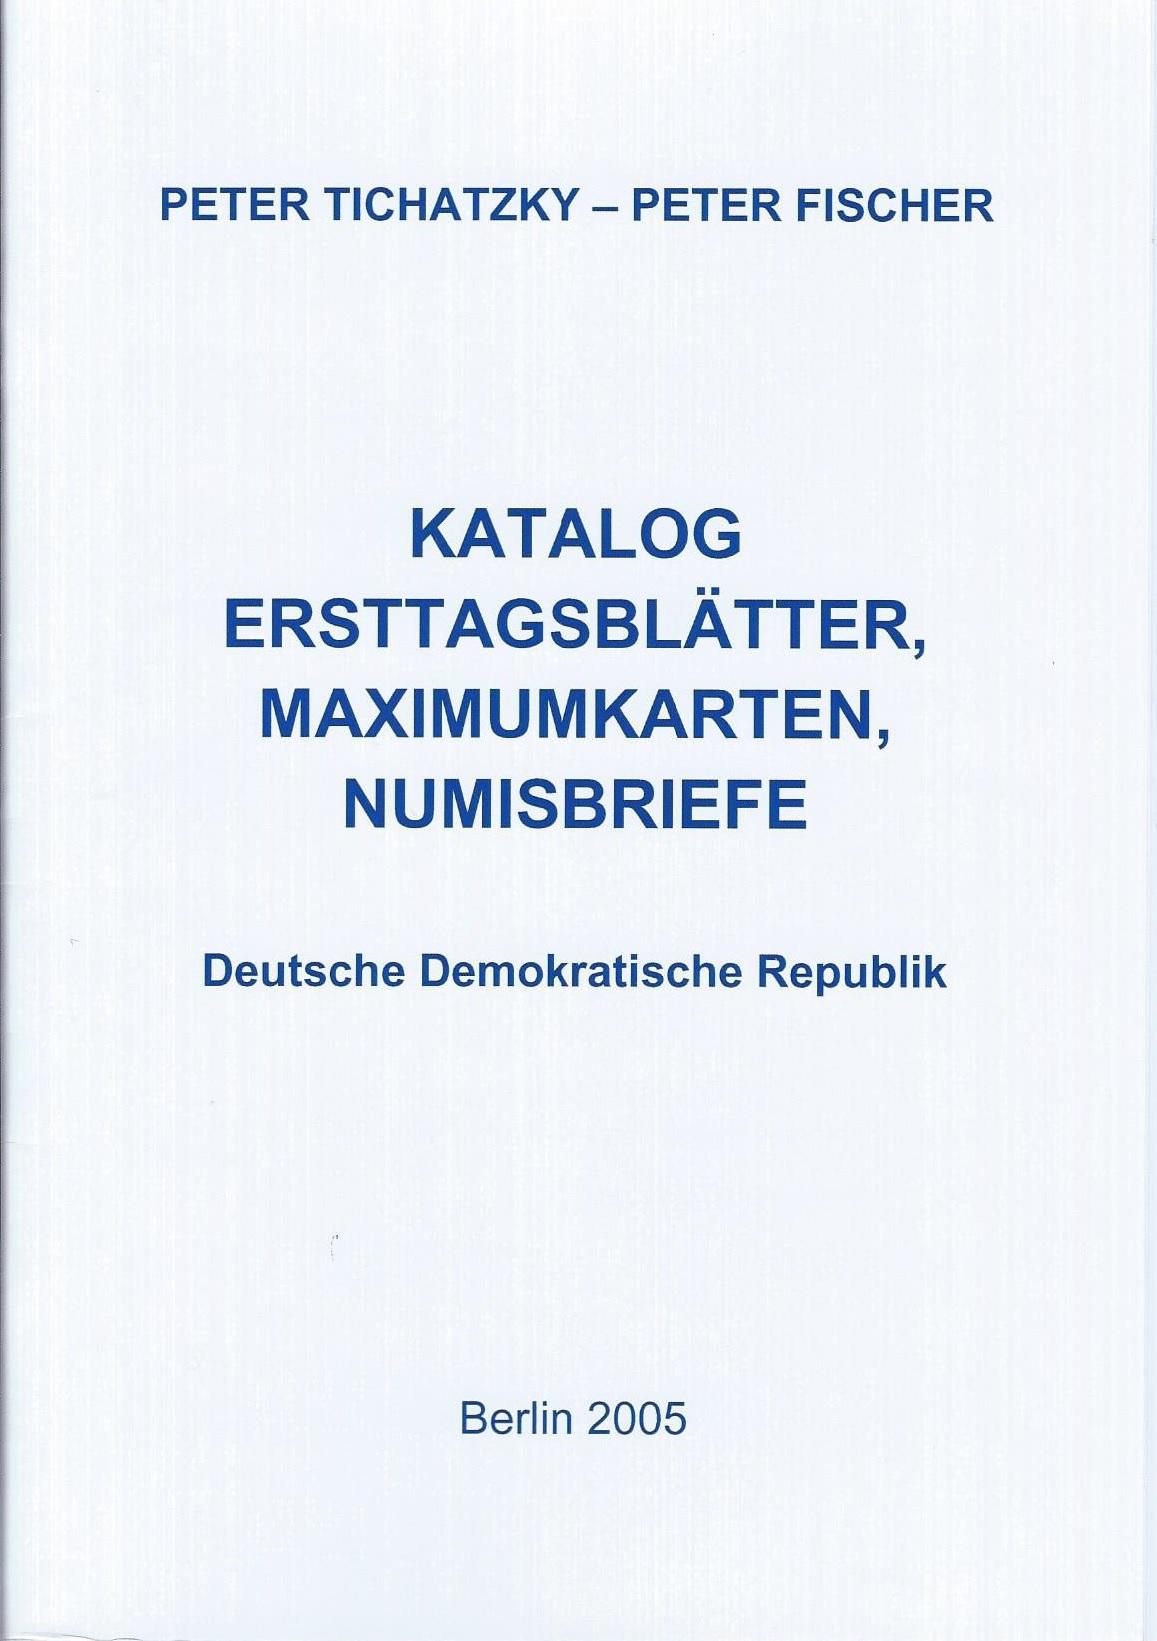 DDR Philatelie Literatur Erstagsblätter Numisbriefe Maximumkarten